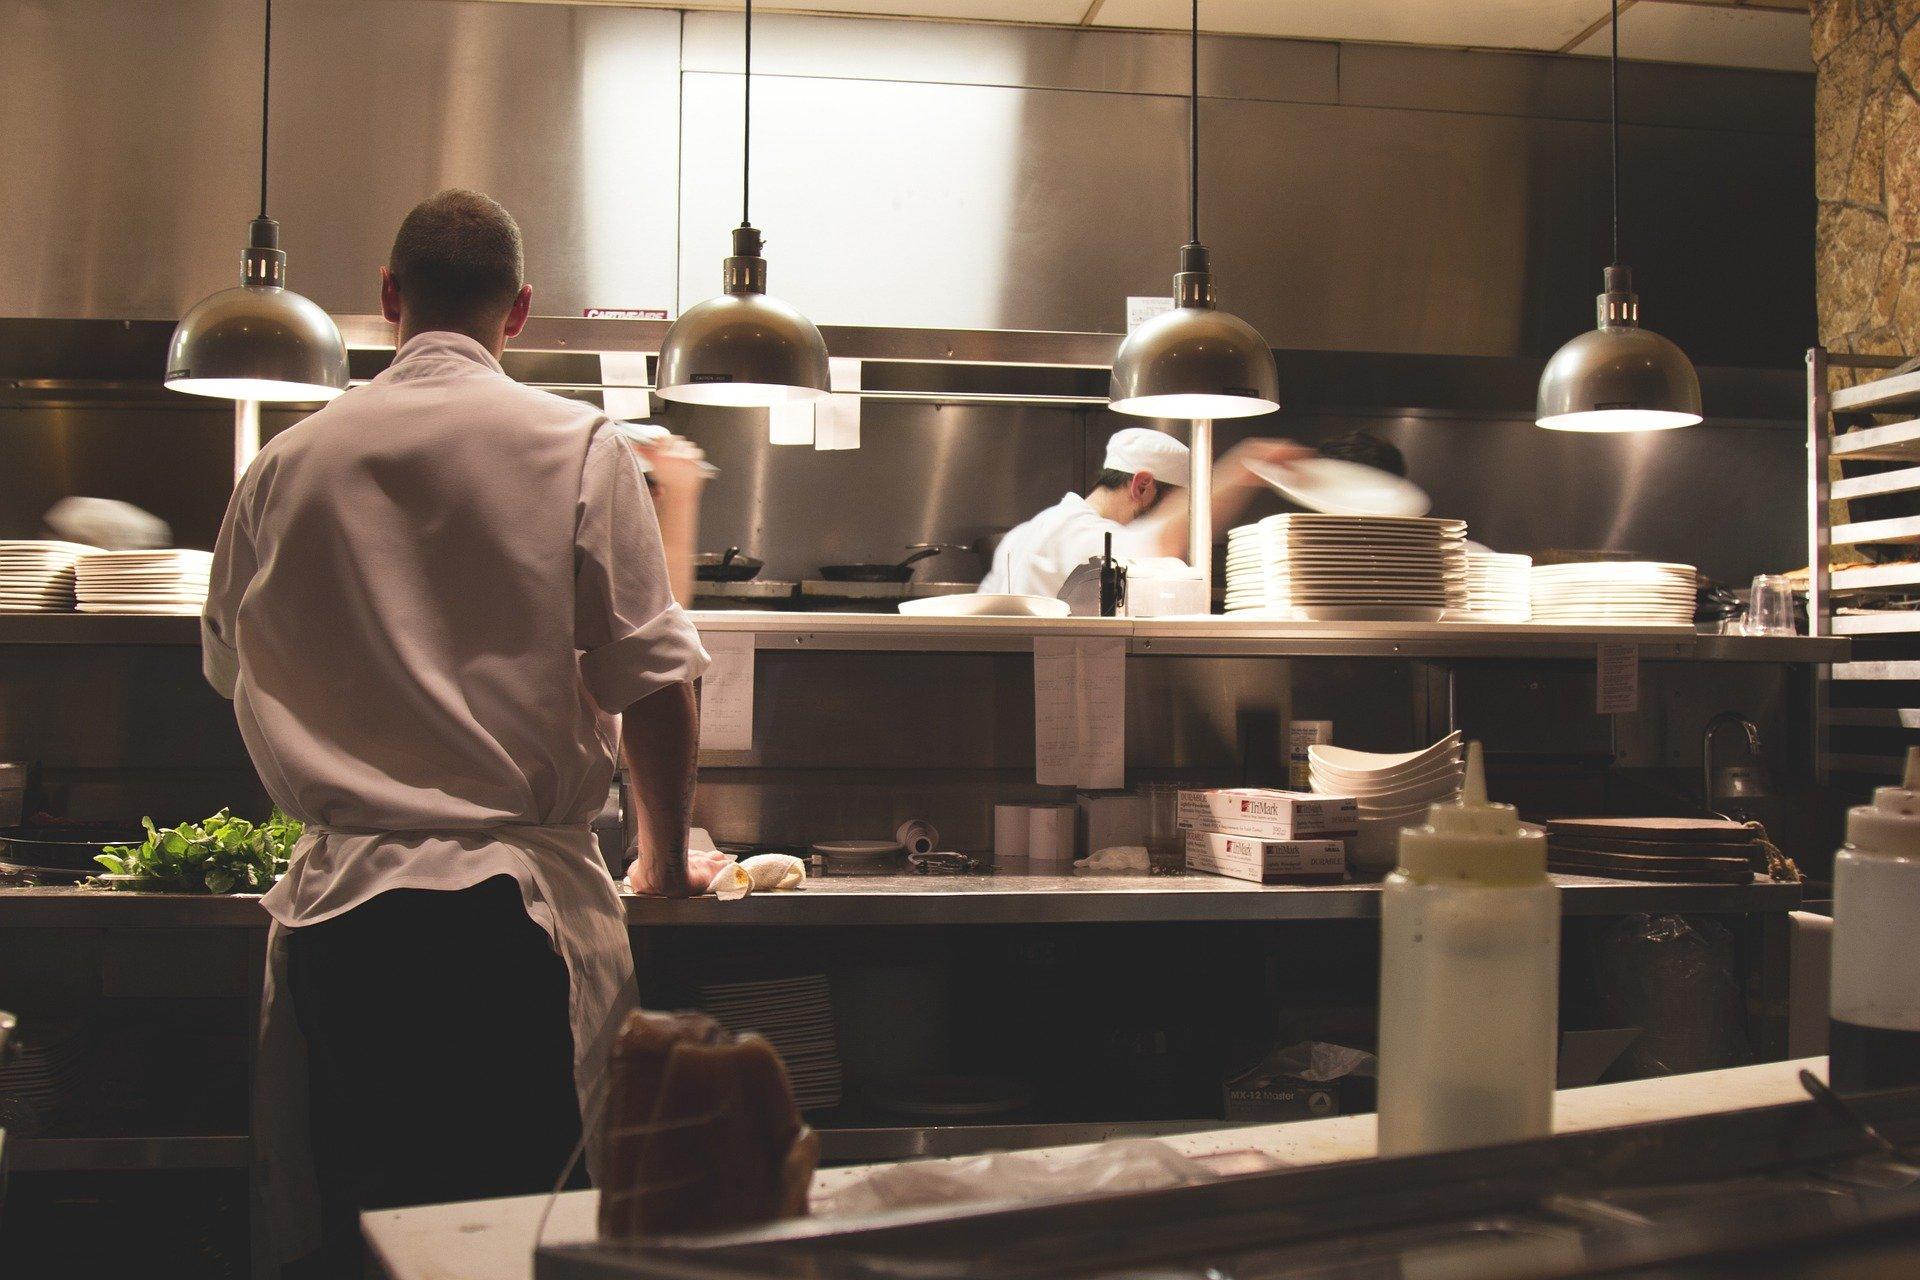 Lavoro straordinario retribuzione, limiti, obblighi e rifiuto